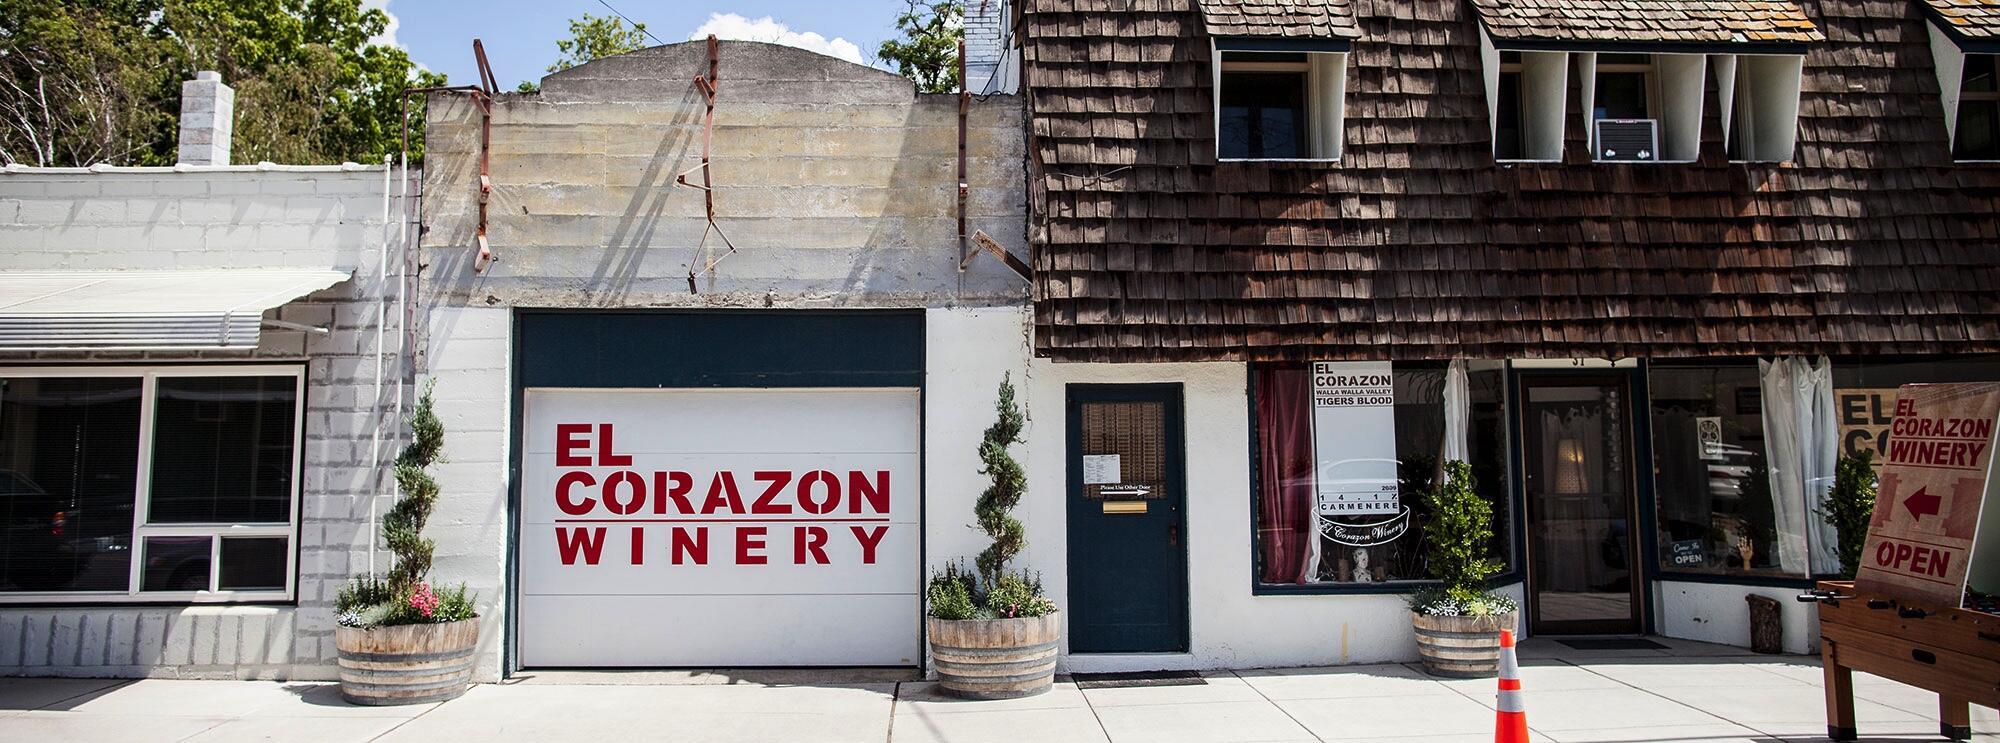 El Corazon Winery Cover Image